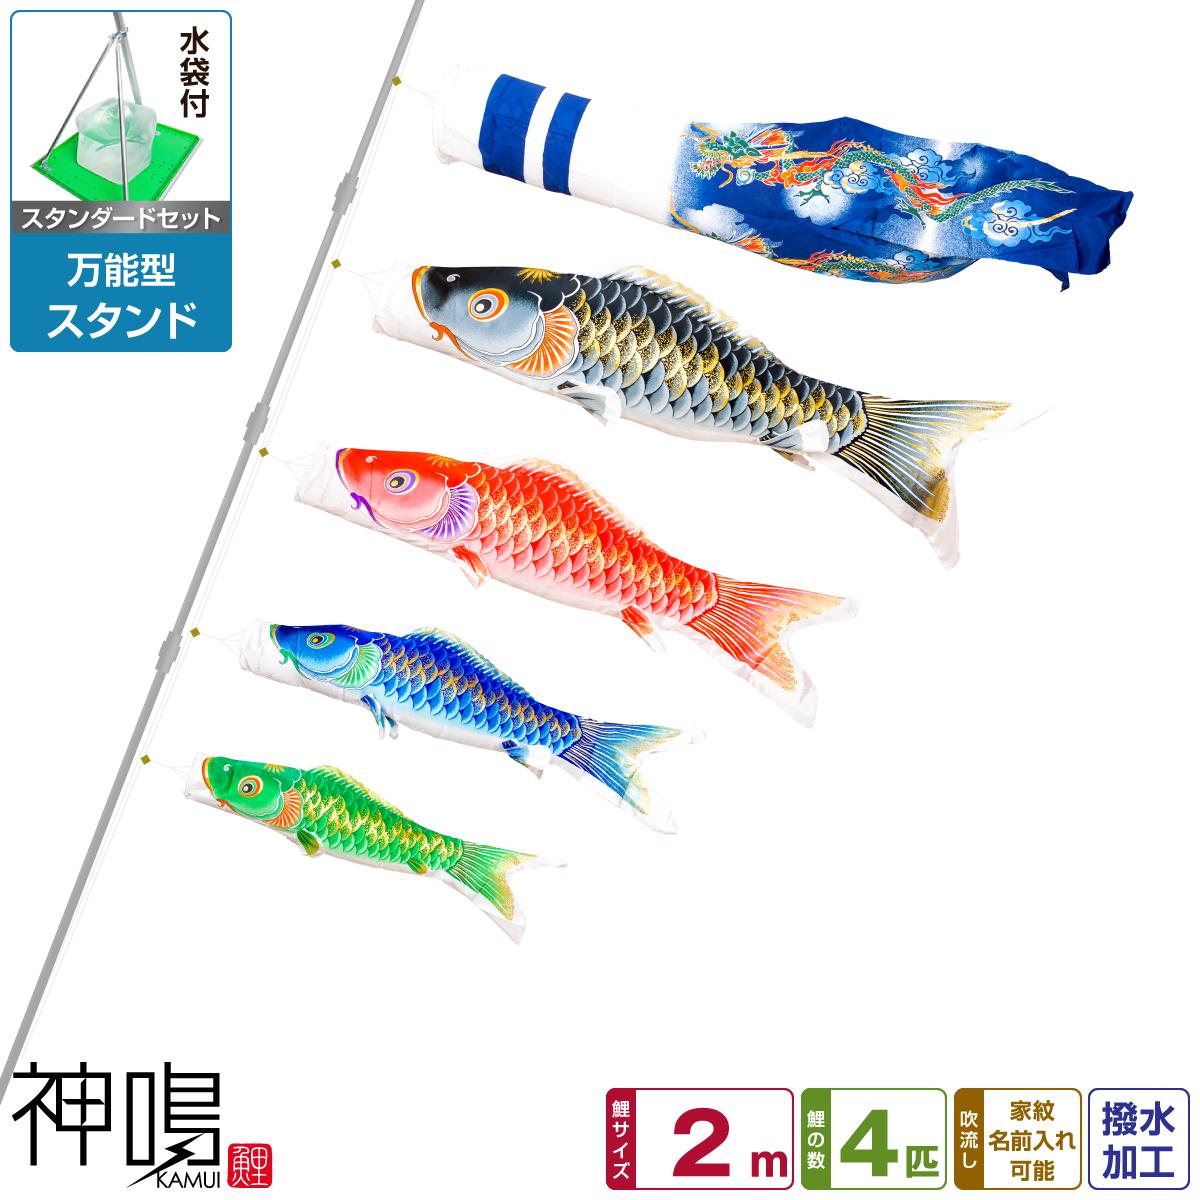 鯉のぼり ベランダ/庭/兼用 神鳴鯉-KAMUI- 2m 7点(吹流し+鯉4匹+矢車+ロープ)/スタンダードセット(万能スタンド)